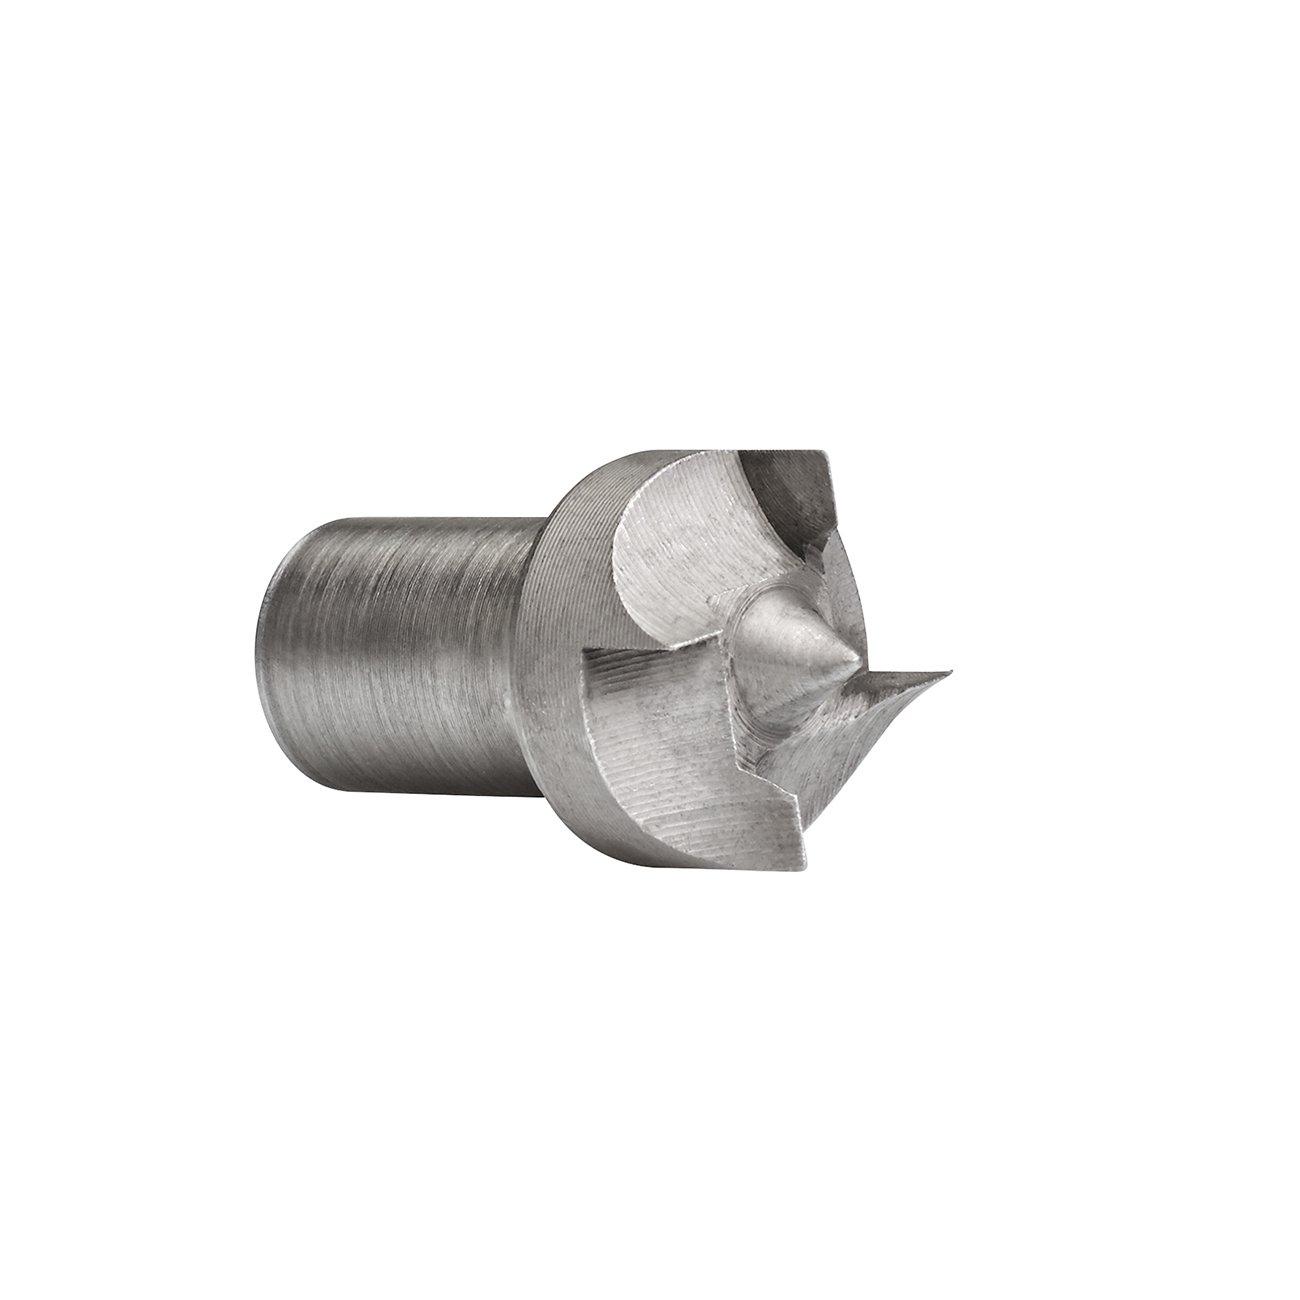 WABECO 4-Zack Mitnehmer Schaft Ø 10 mm Zubehör für WABECO Bohrständer Zubehör Drechseln keine Angabe